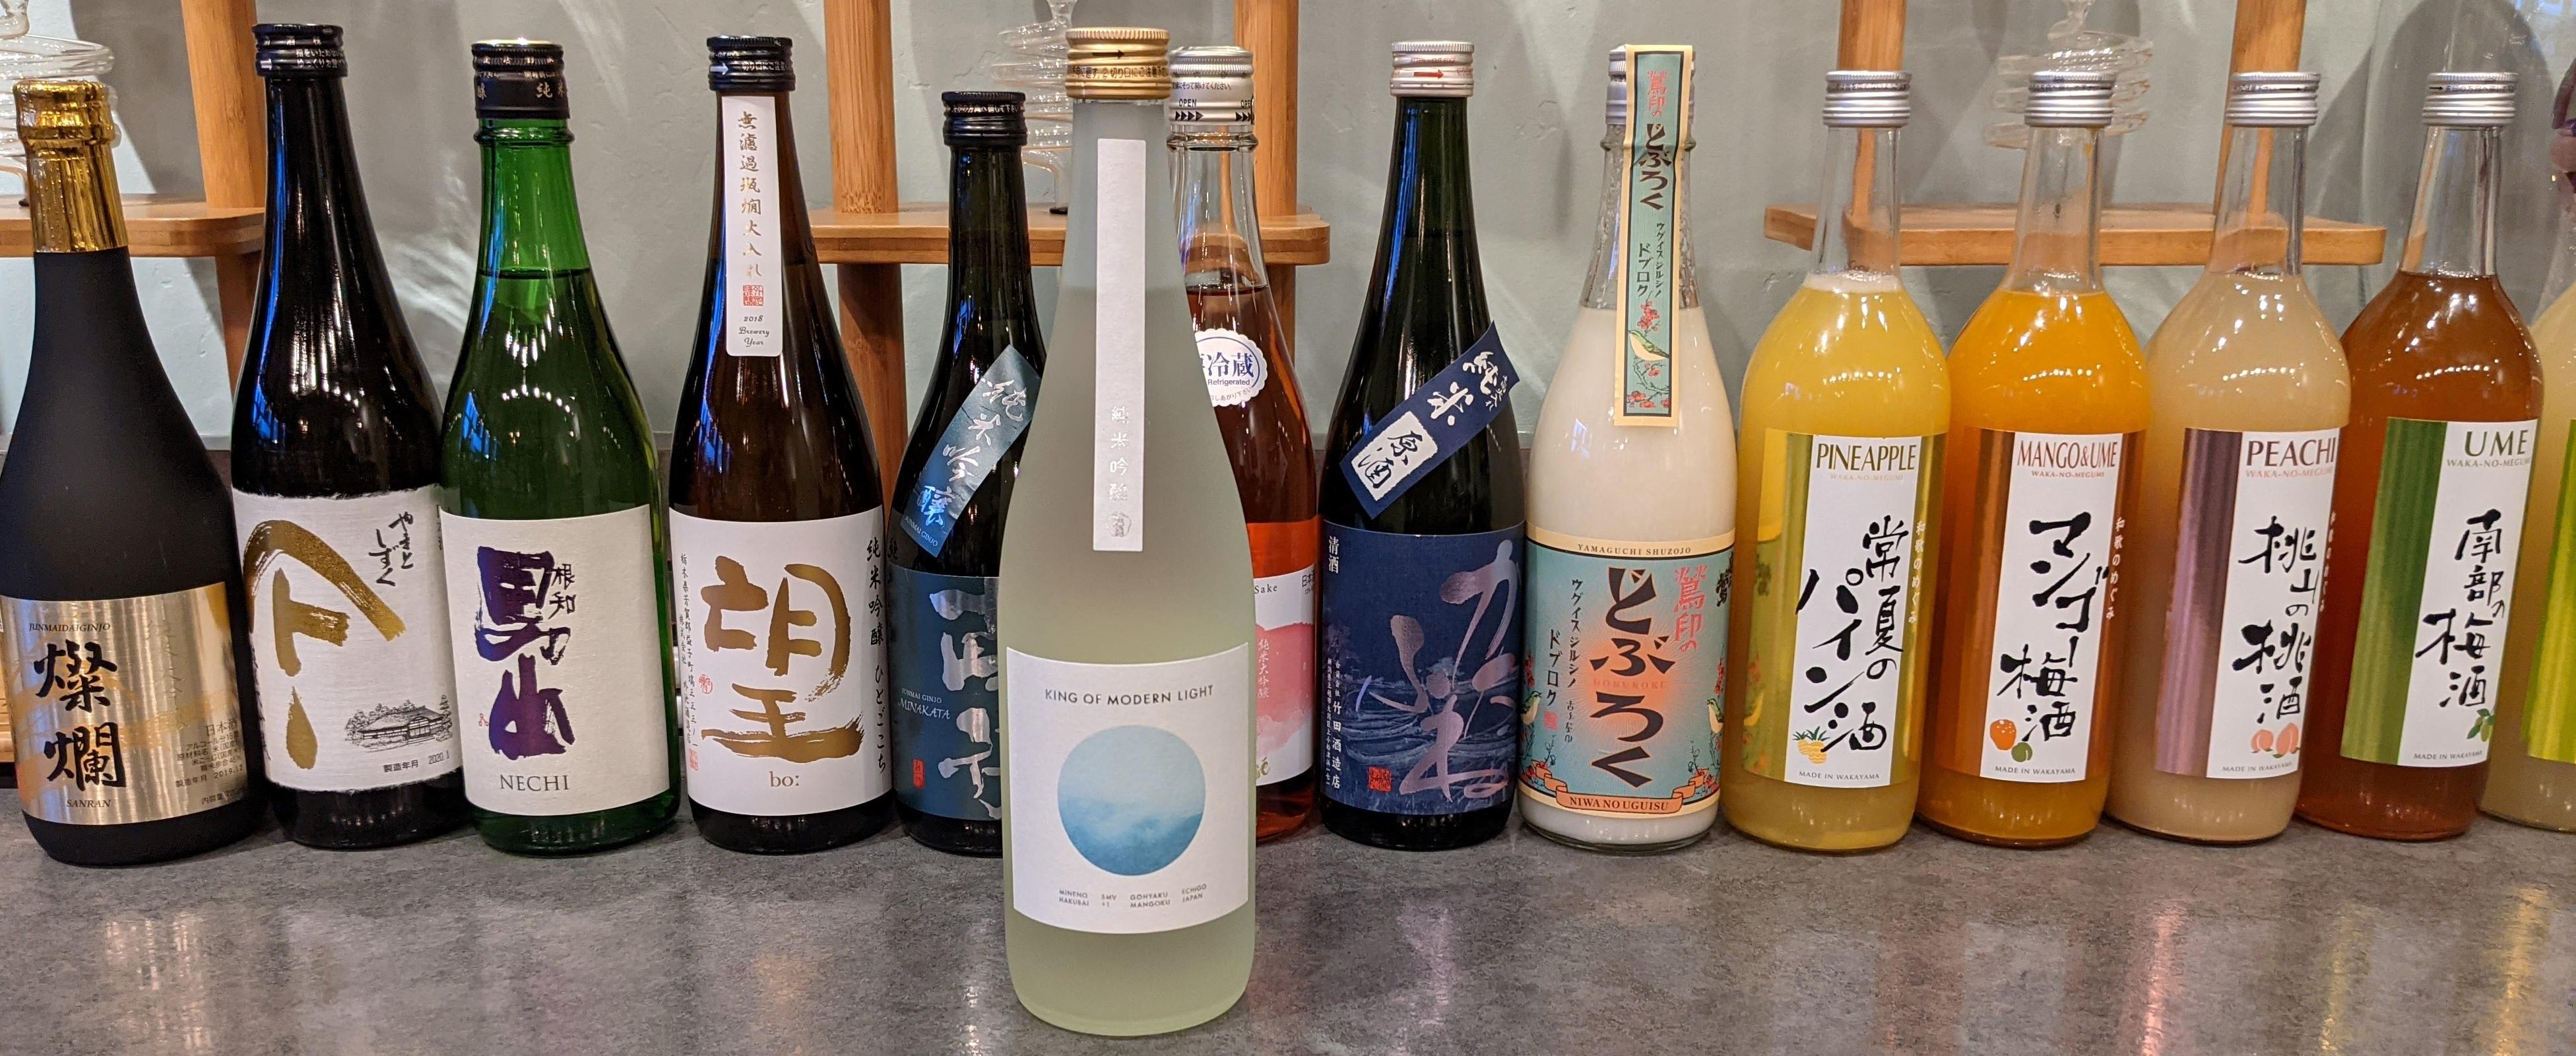 sake-bottles-long.jpg